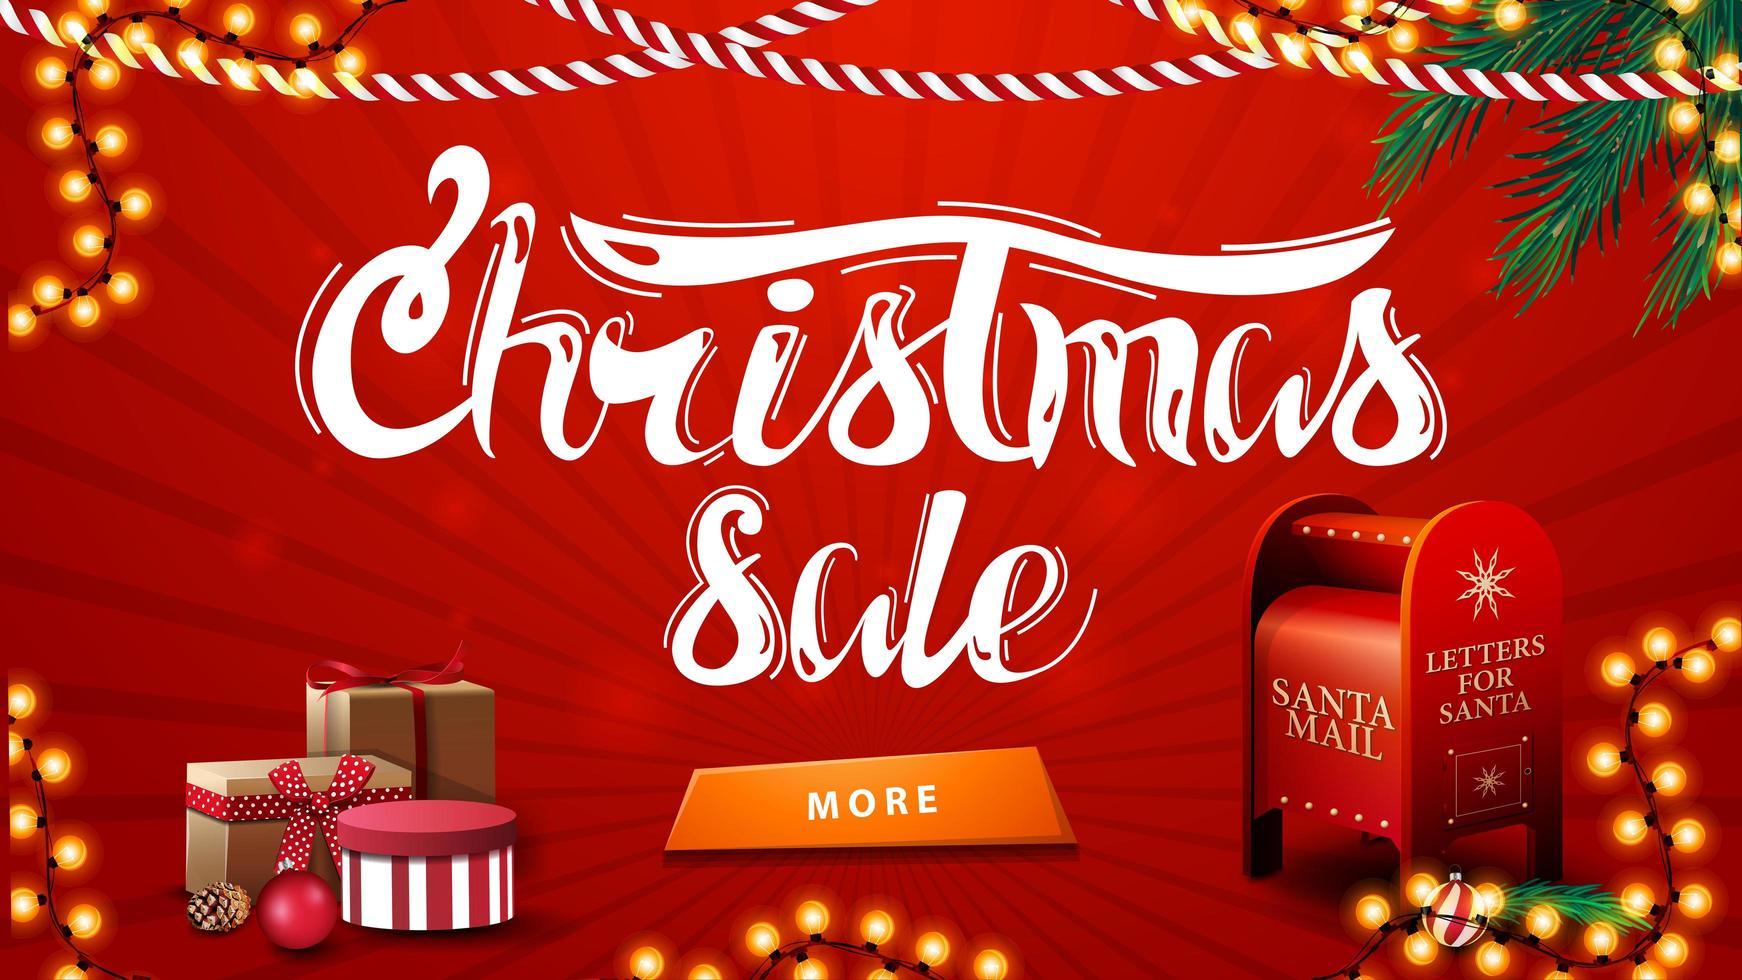 liquidação de natal, banner vermelho de desconto com guirlandas, galhos de árvores de natal, botão, presentes e caixa de correio de Papai Noel vetor